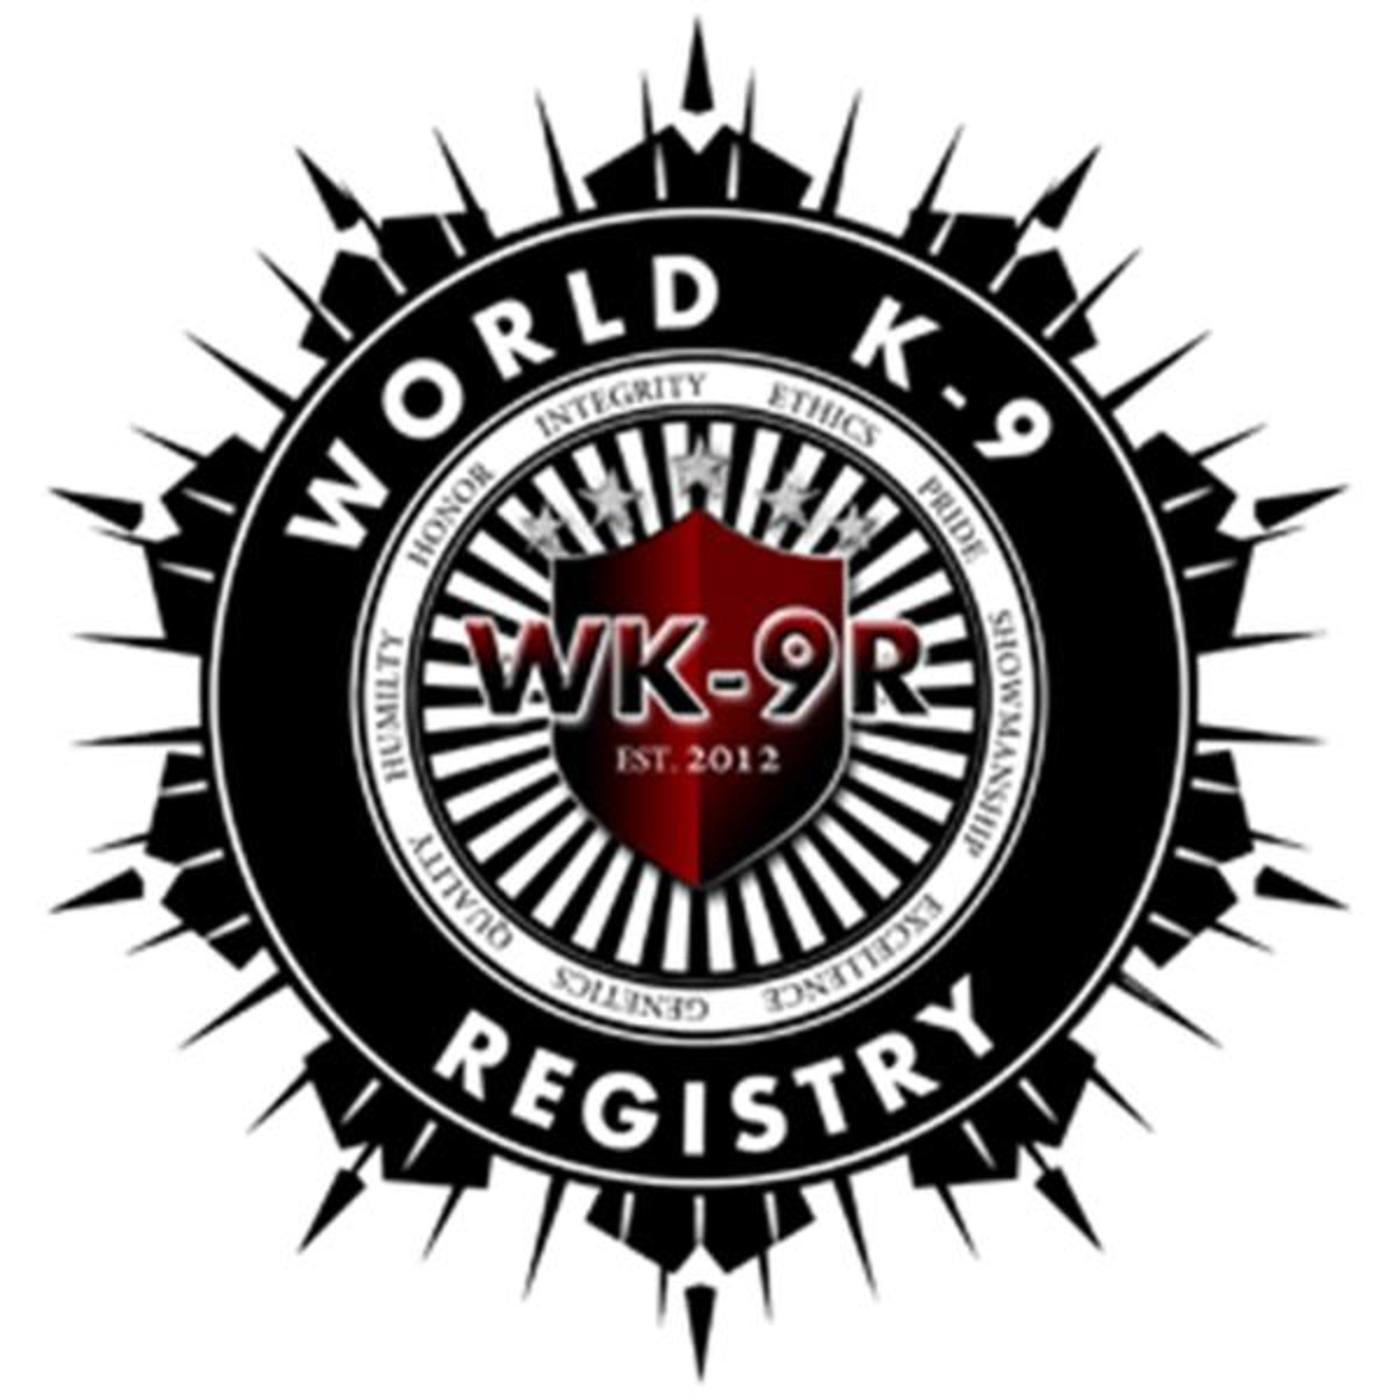 WK9R Dog Registry & Family Online Radio by WK9R Dog Registry